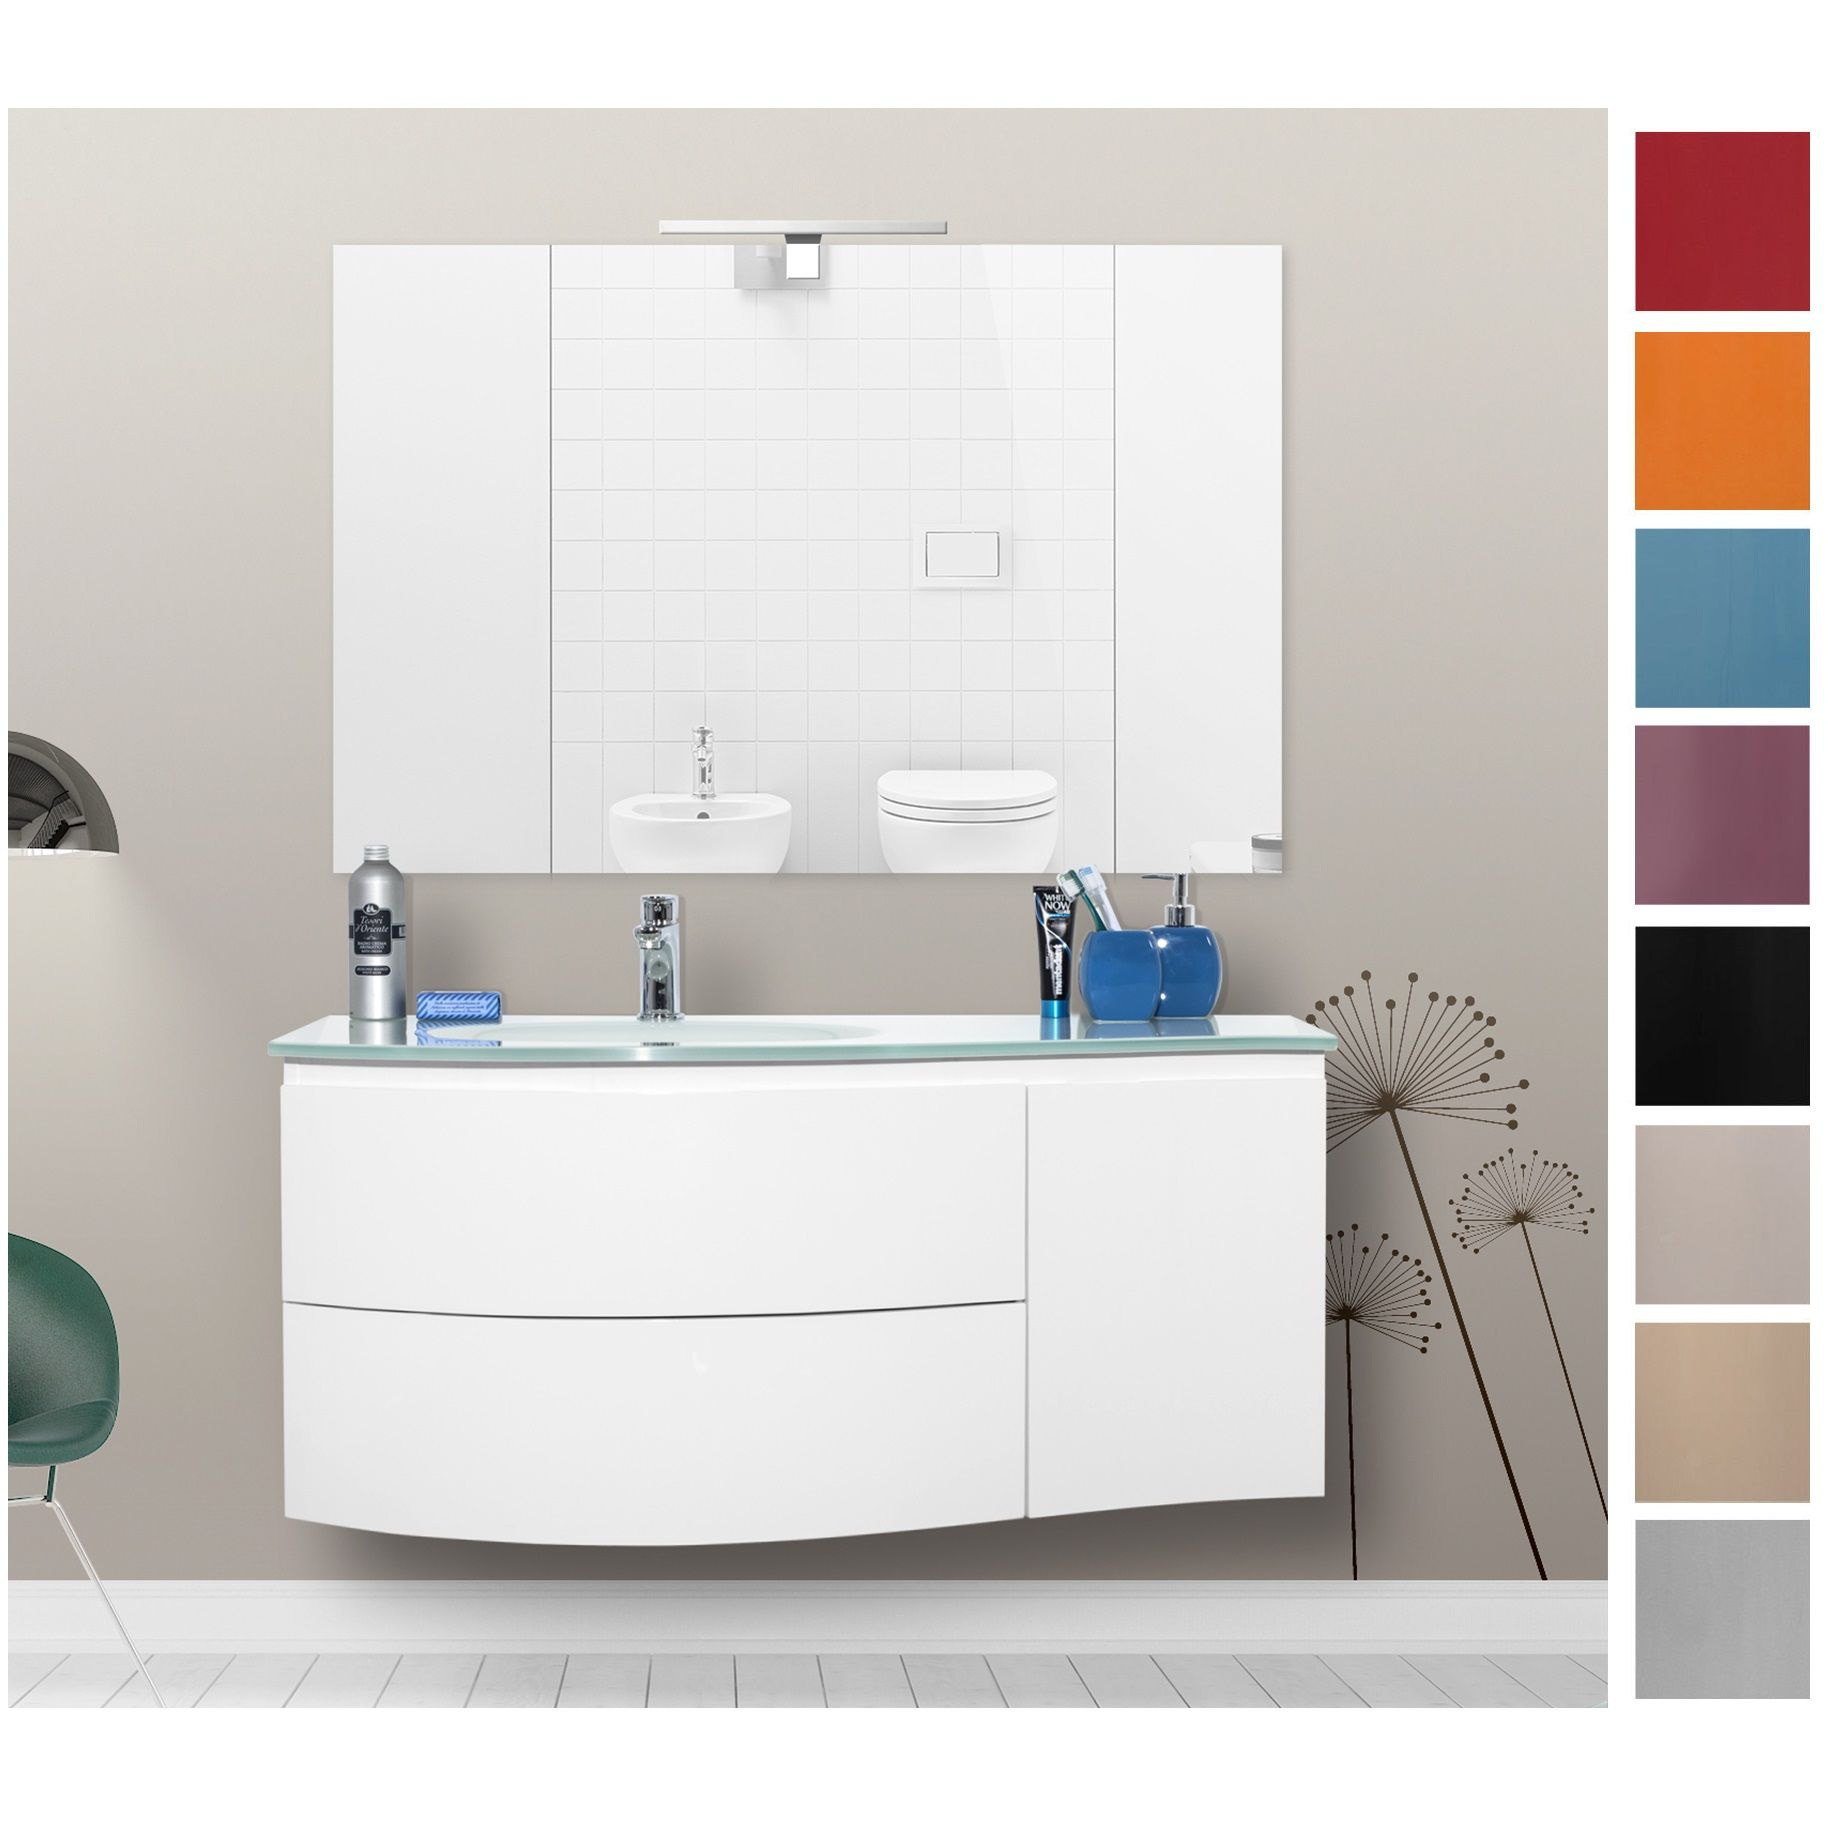 Mobile arredo da bagno 110 cm lavabo in cristallo - Bagno largo 110 cm ...